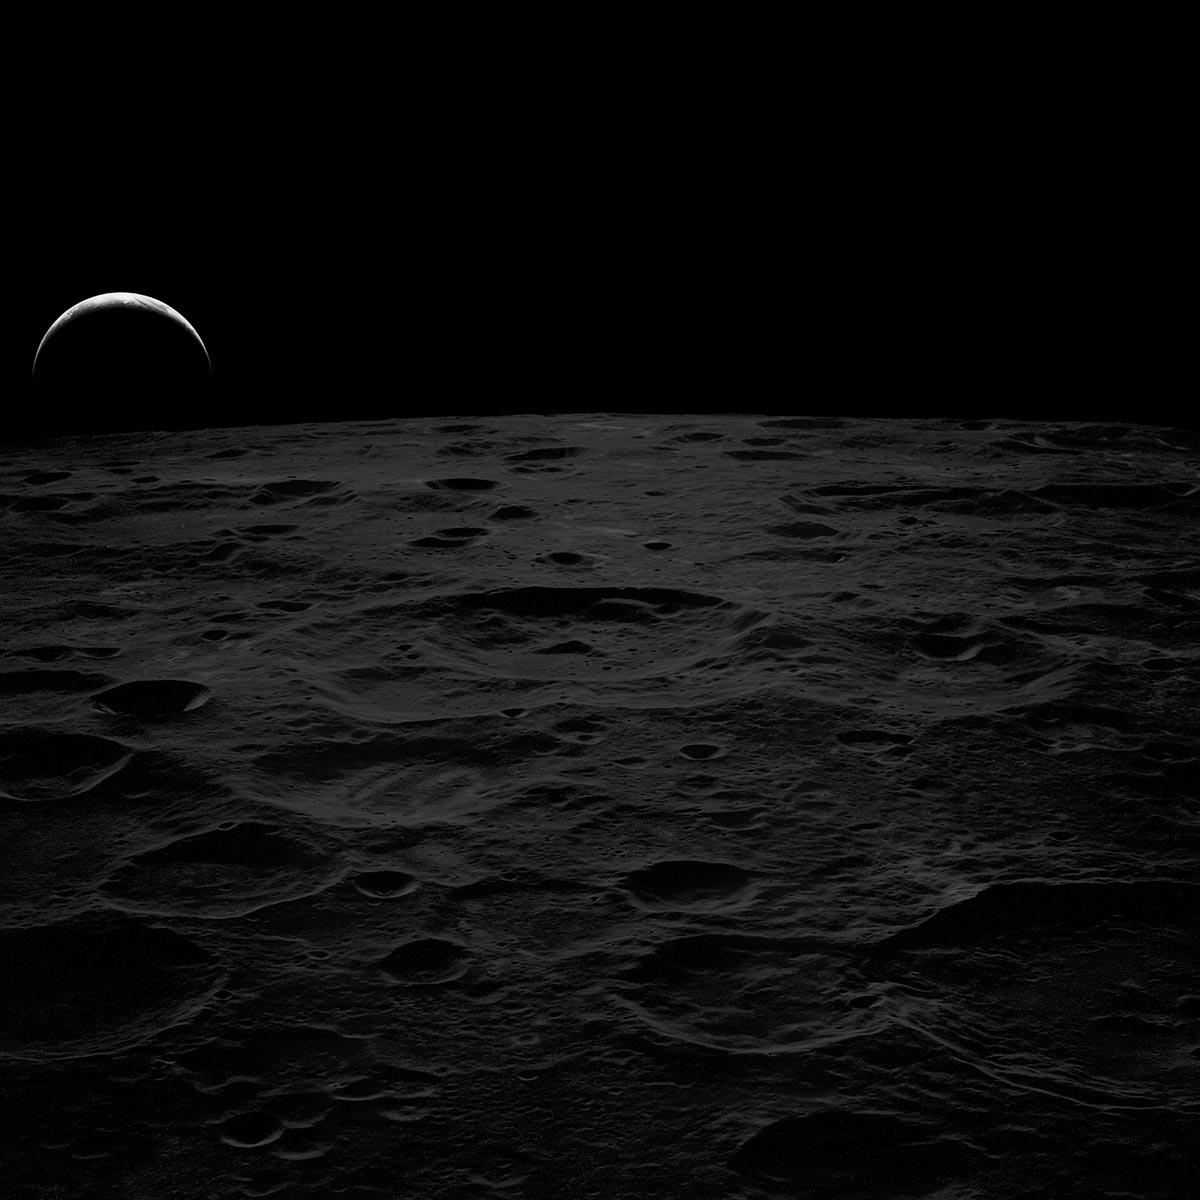 La Luna e la Terra fotografate dall'Apollo 14